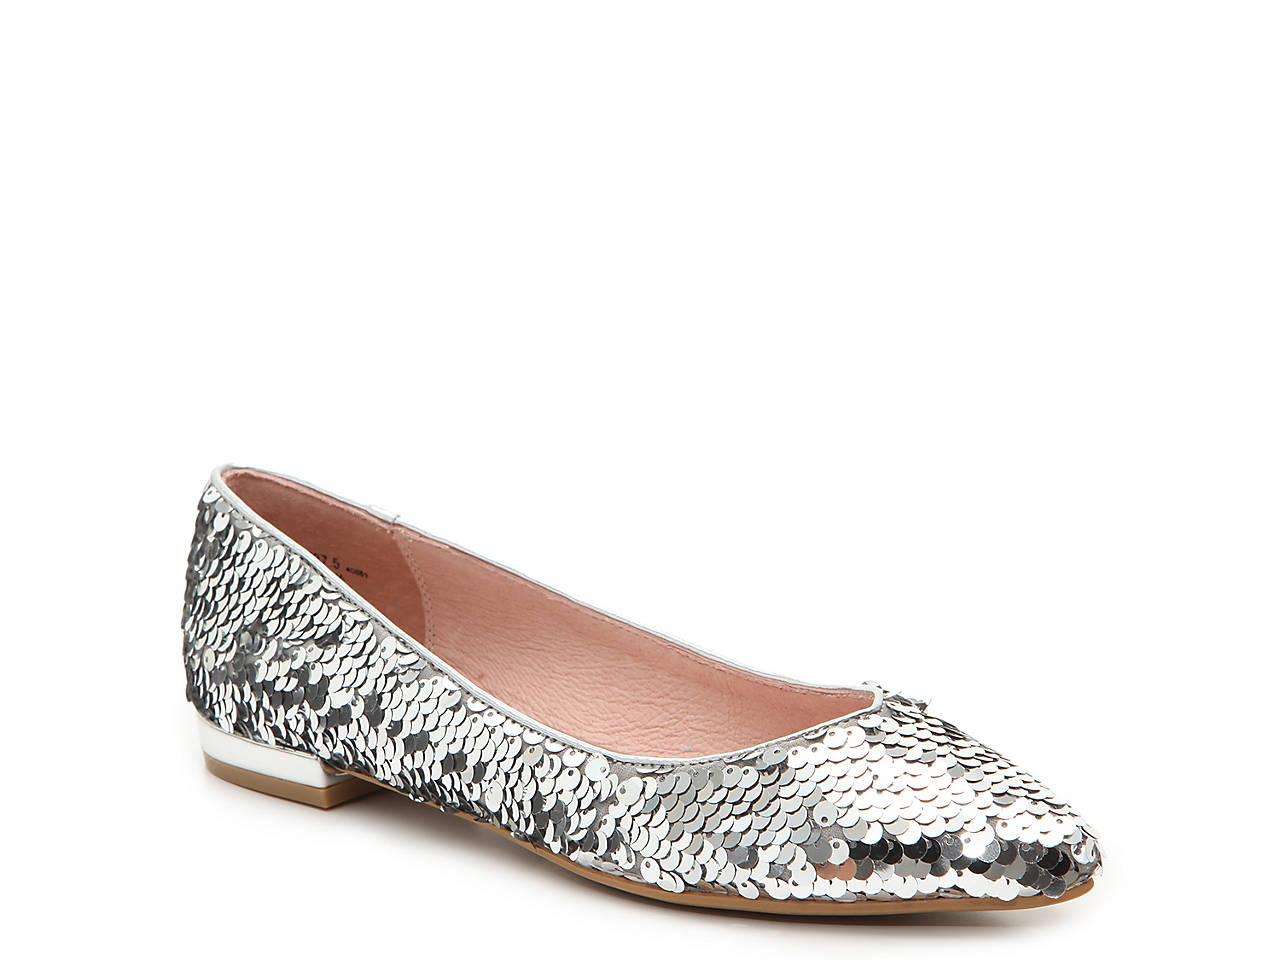 7b94e7b289e Chinese Laundry Graceful Flat Women s Shoes